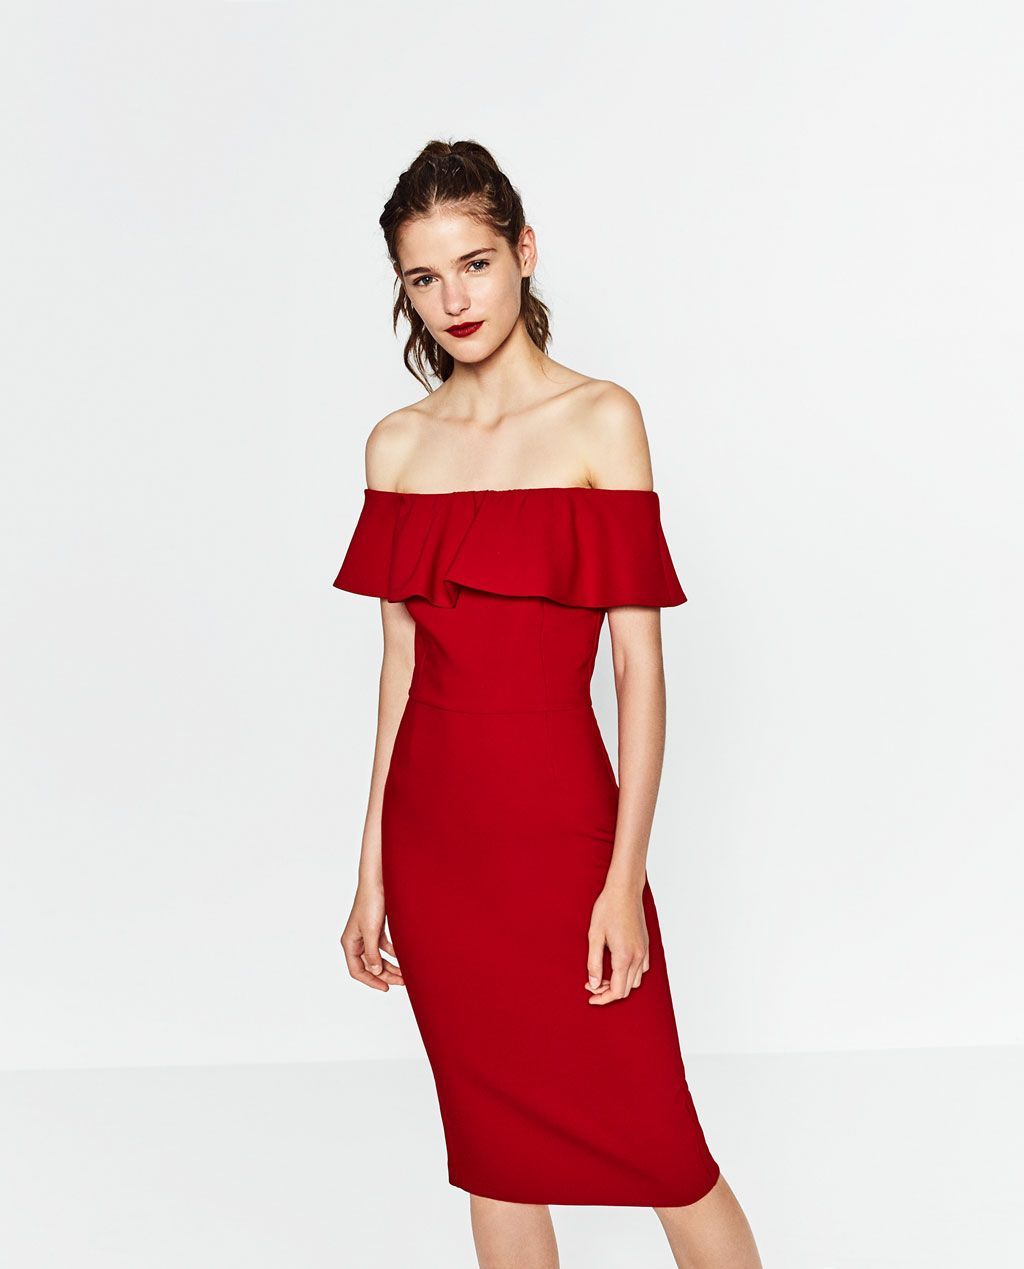 ZARA - WOMAN - OFF-THE-SHOULDER DRESS | — dress | Pinterest